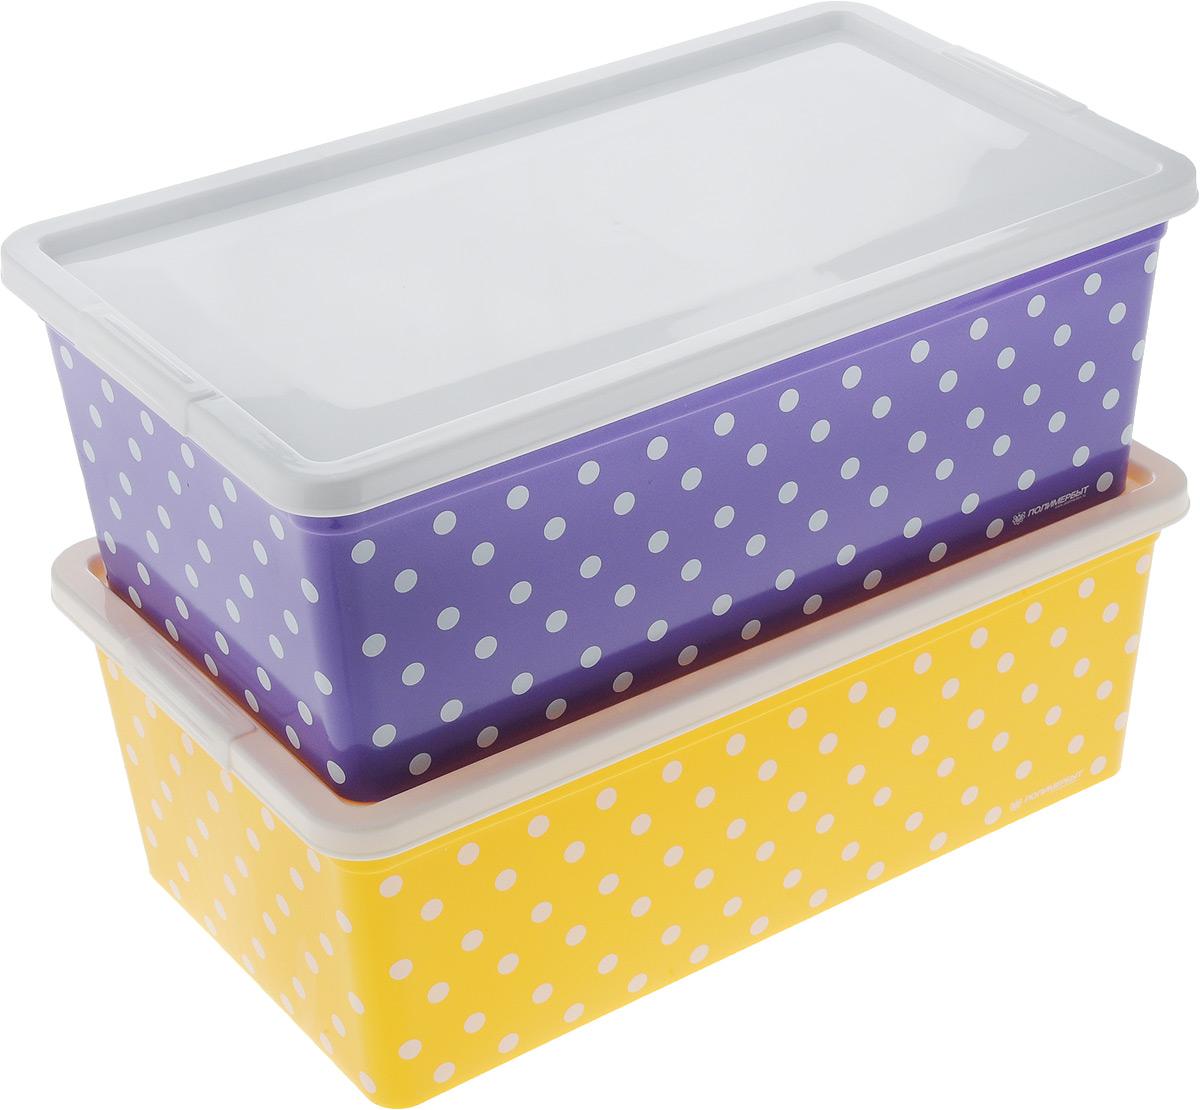 Набор контейнеров для хранения Полимербыт Горох, цвет: фиолетовый, желтый, белый, 2 штCLP446Набор Полимербыт Горох состоит из двух контейнеров, которые выполнены из высококачественного пластика. Изделия оформлены принтом в горох. Контейнеры оснащены крышками, которые плотно закрывают изделия. Контейнеры очень вместительные и помогут вам хранить все необходимые мелочи в одном месте. Размер контейнера: 34 х 19 см. Высота контейнера: 12 см.